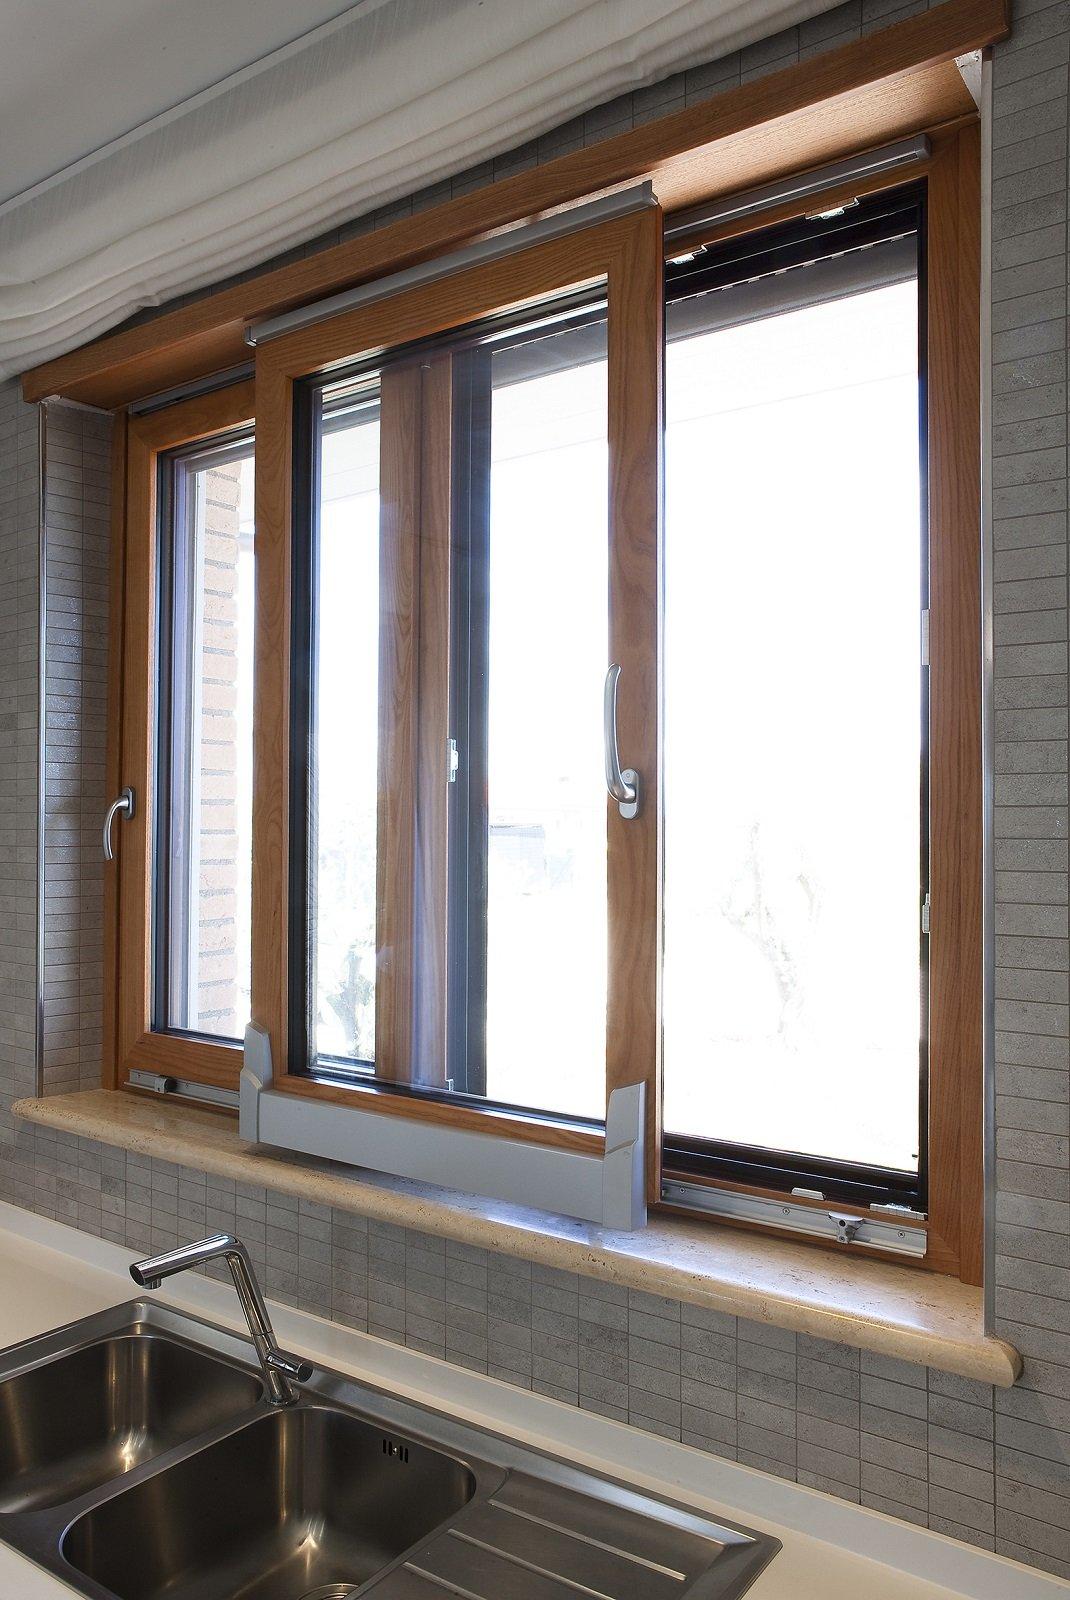 Finestre con ridotti profili per tanta luminosit nell 39 ambiente - Costruire una finestra in alluminio ...